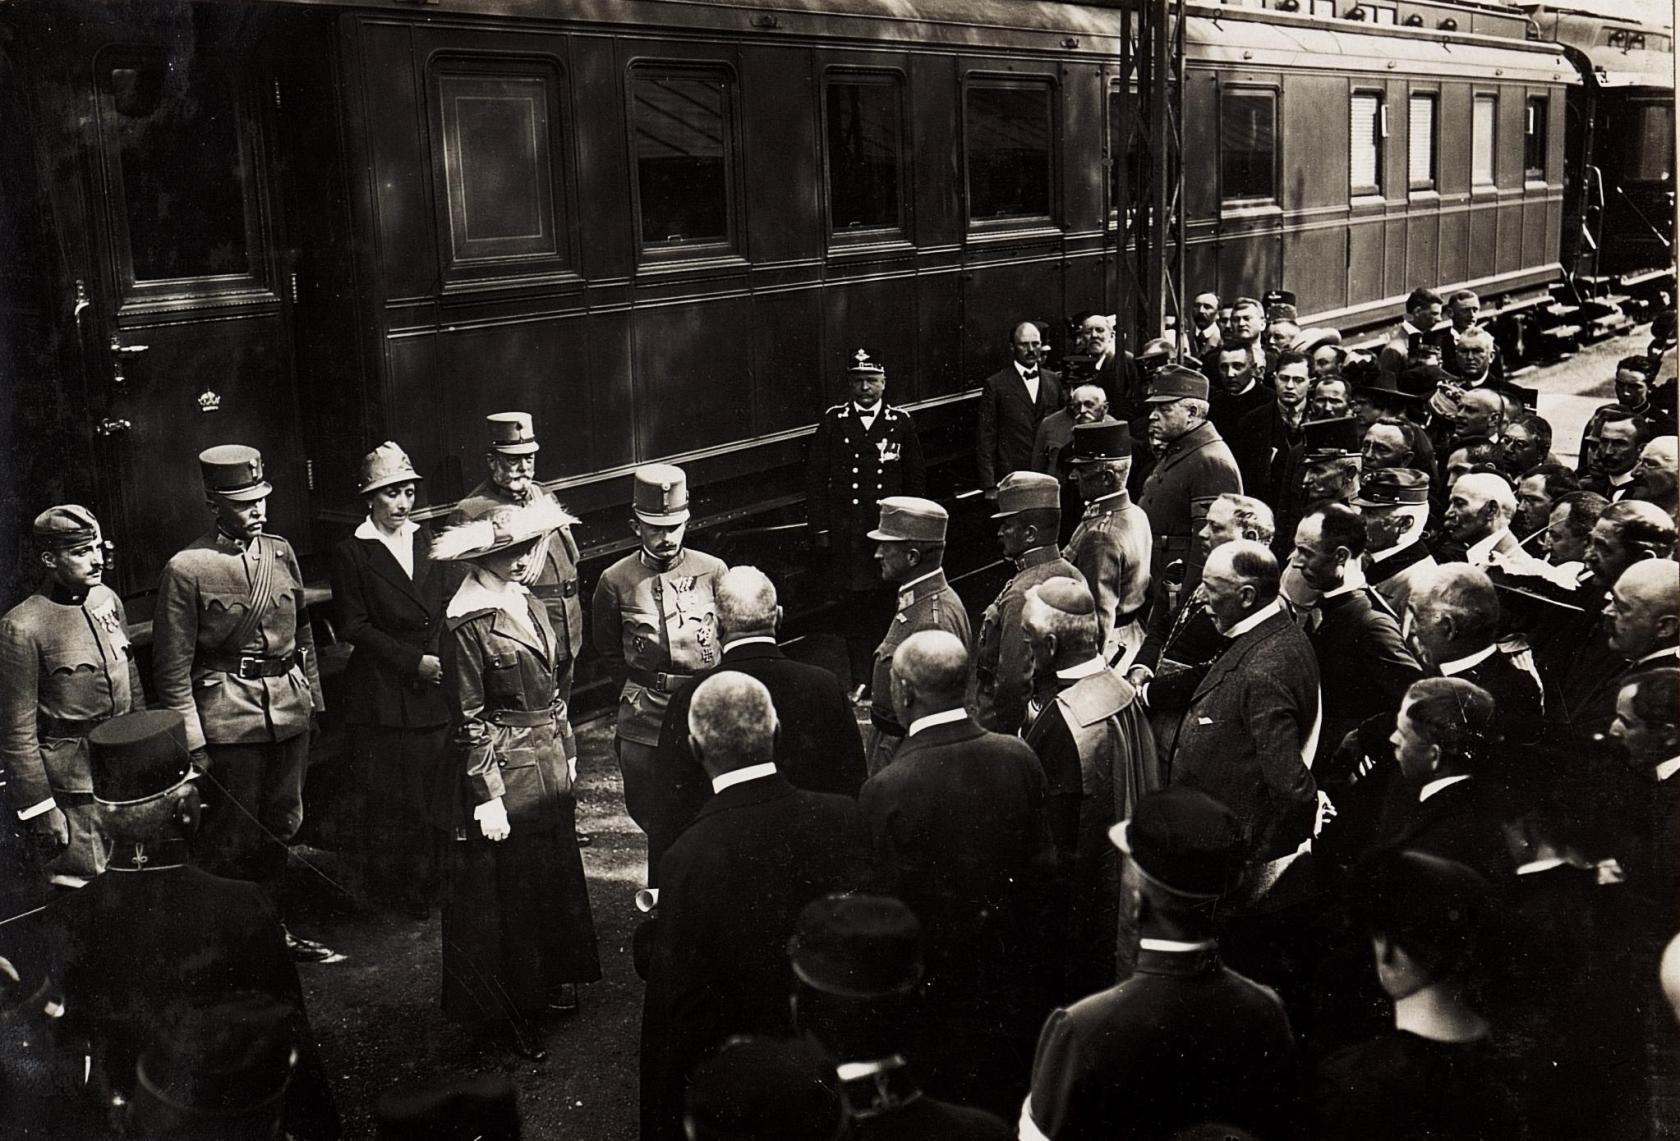 A királyi pár fogadása a gyöngyösi pályaudvaron. 1917. május 23. Kép: K.u.k. Kriegspressequartier, Lichtbildstelle - Wien - https://www.bildarchivaustria.at / Wikimedia Commons